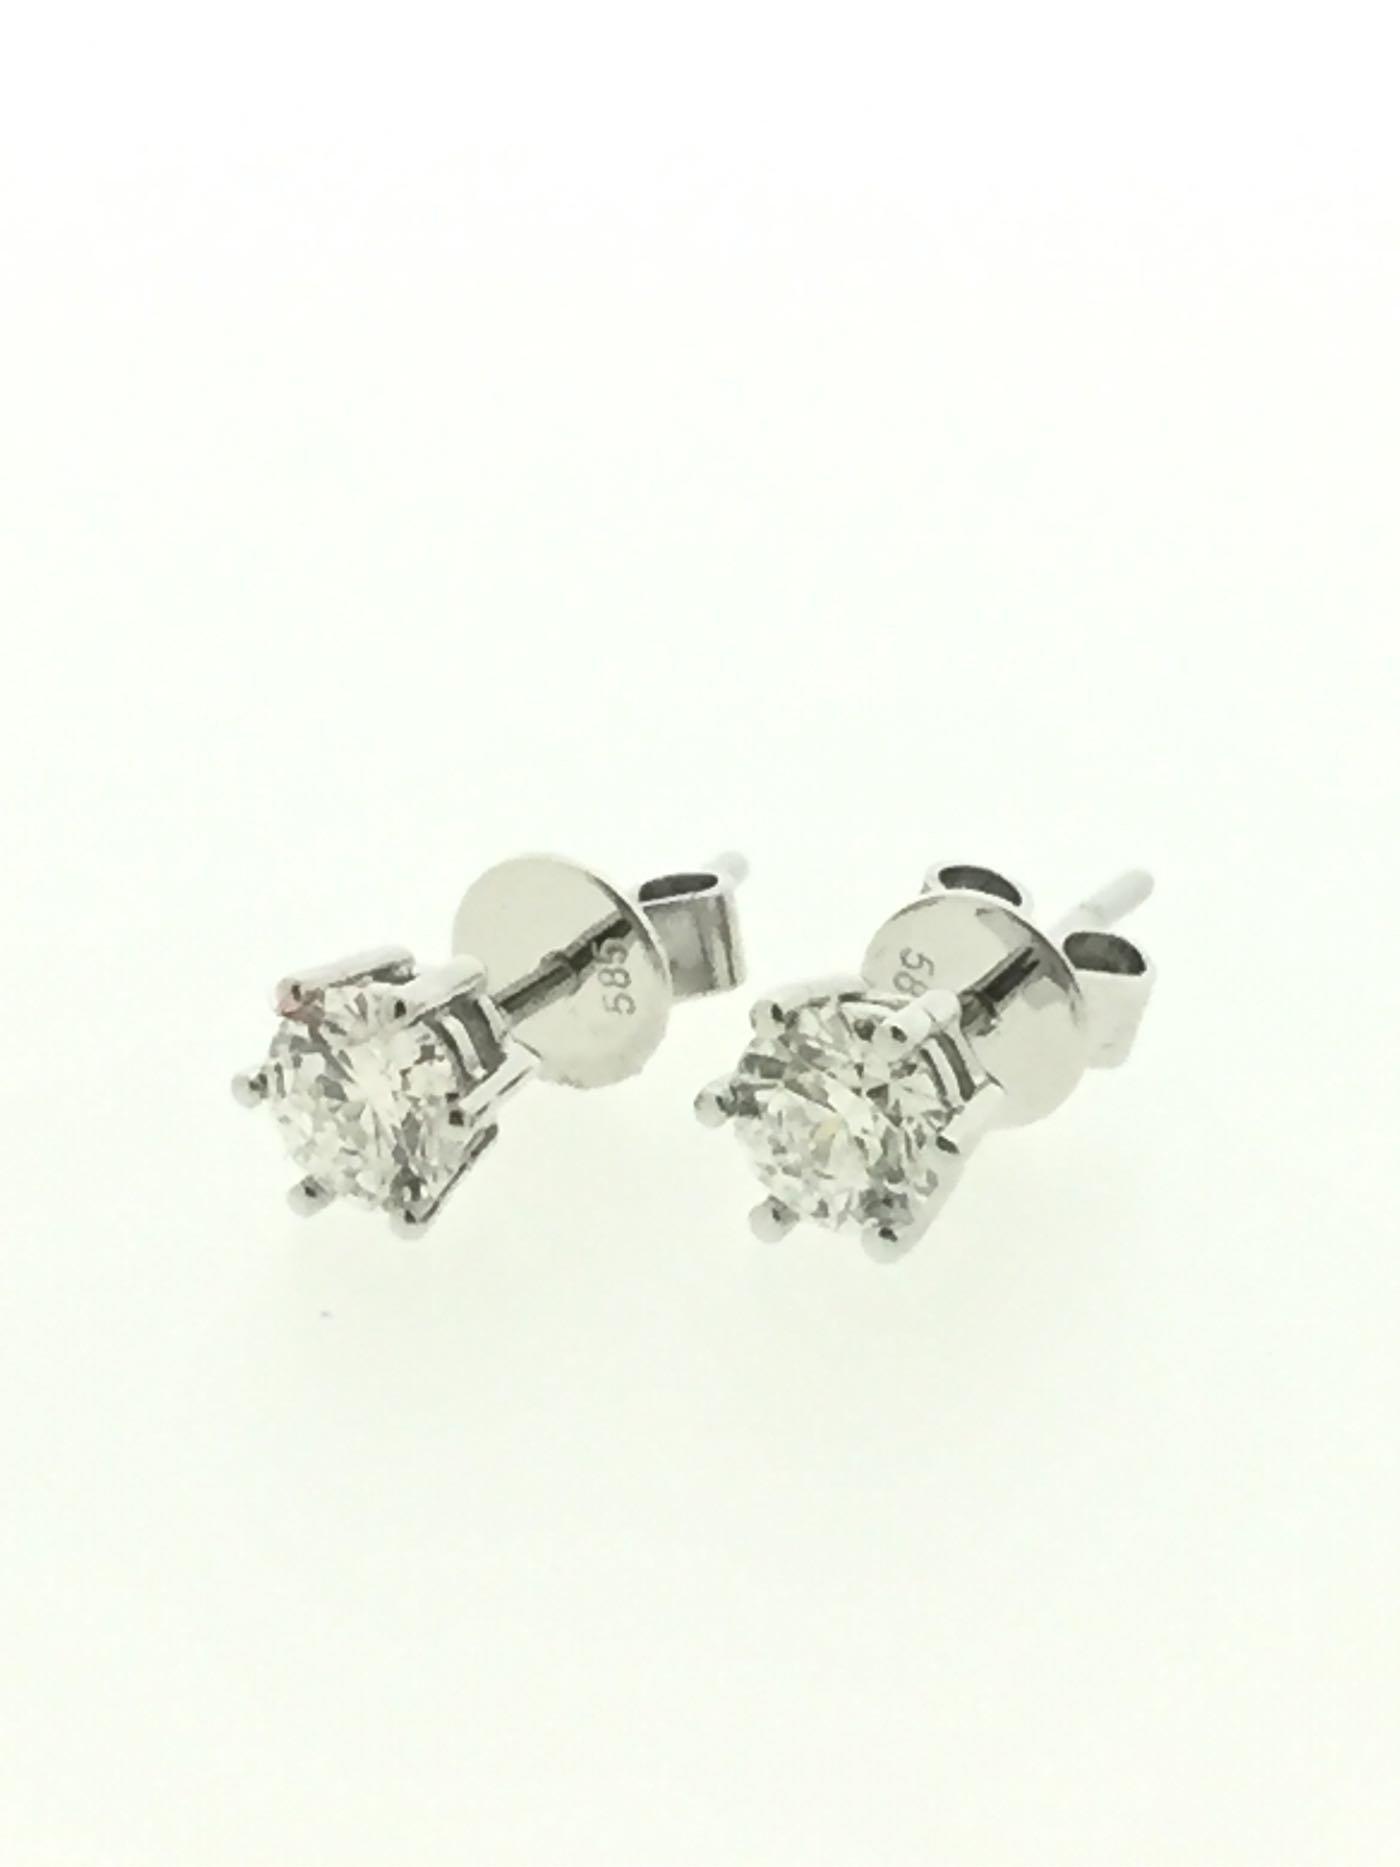 【益成當舖】流當品 特價結緣 白K金35分(0.35克拉)GIA六爪鑽石耳環 已售出